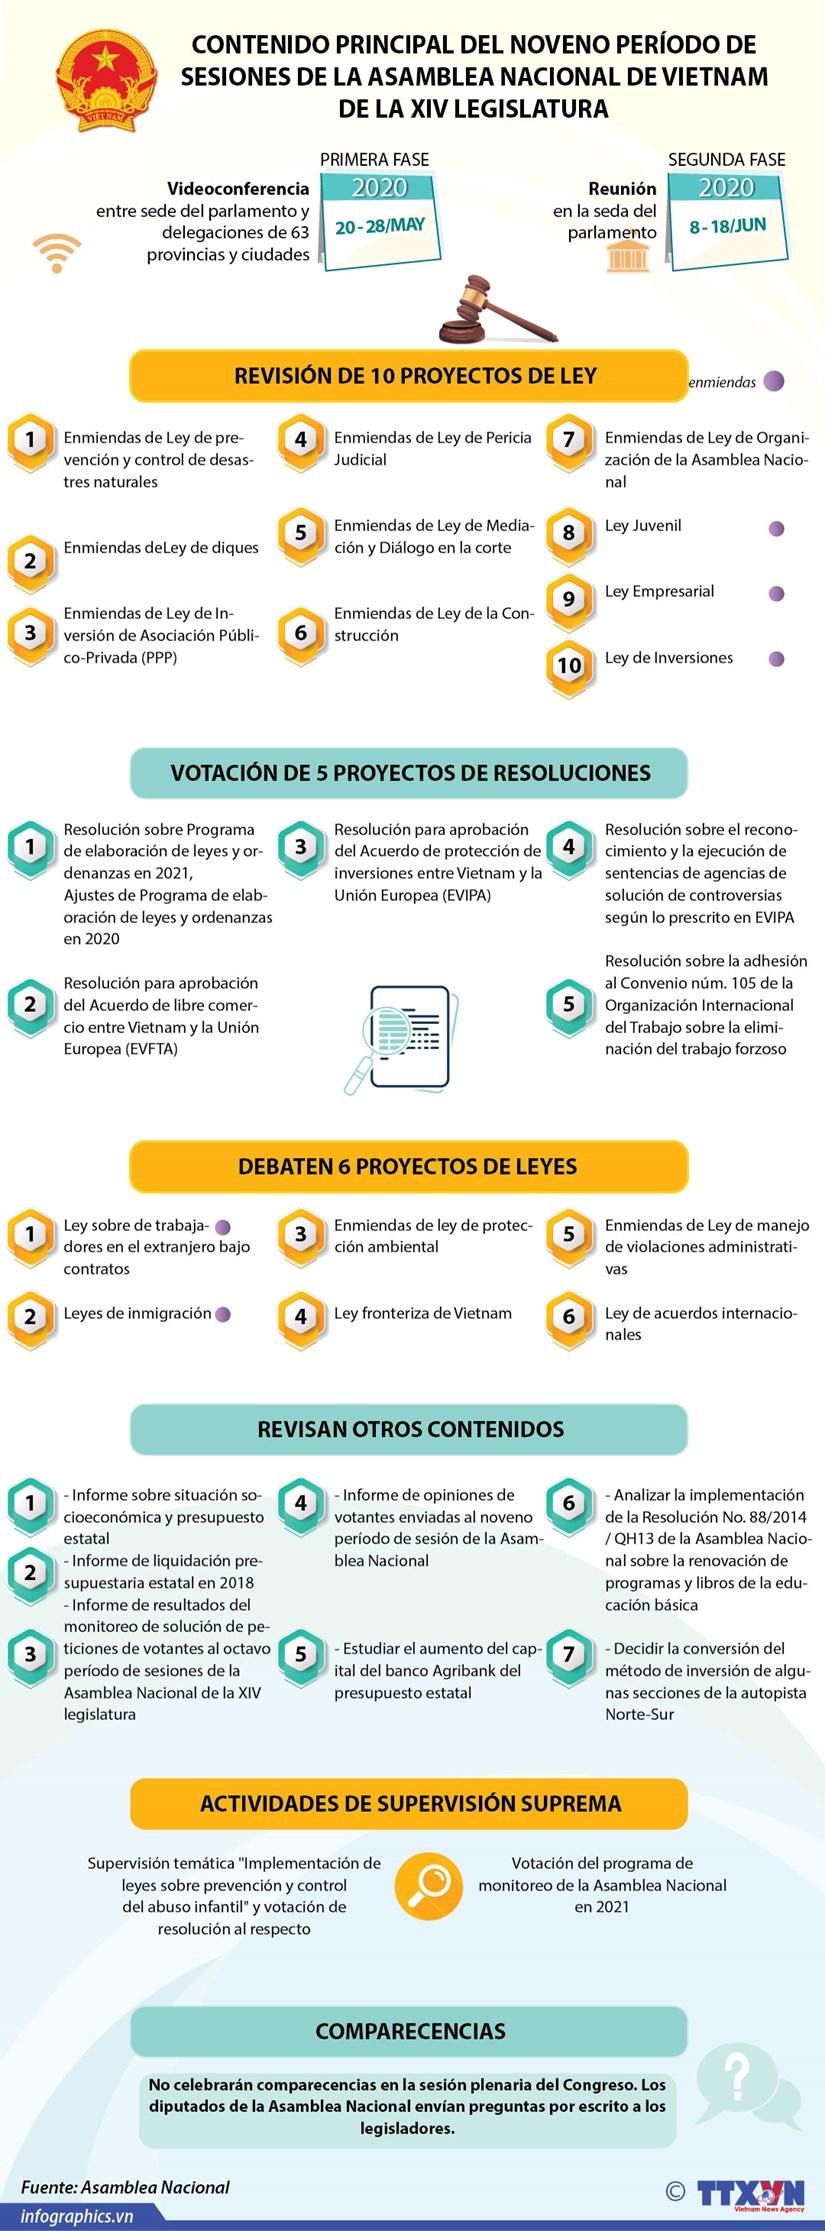 [Info] CONTENIDOS PRINCIPALES DEL NOVENO PERIODO DE SESIONES PARLAMENTARIAS hinh anh 1